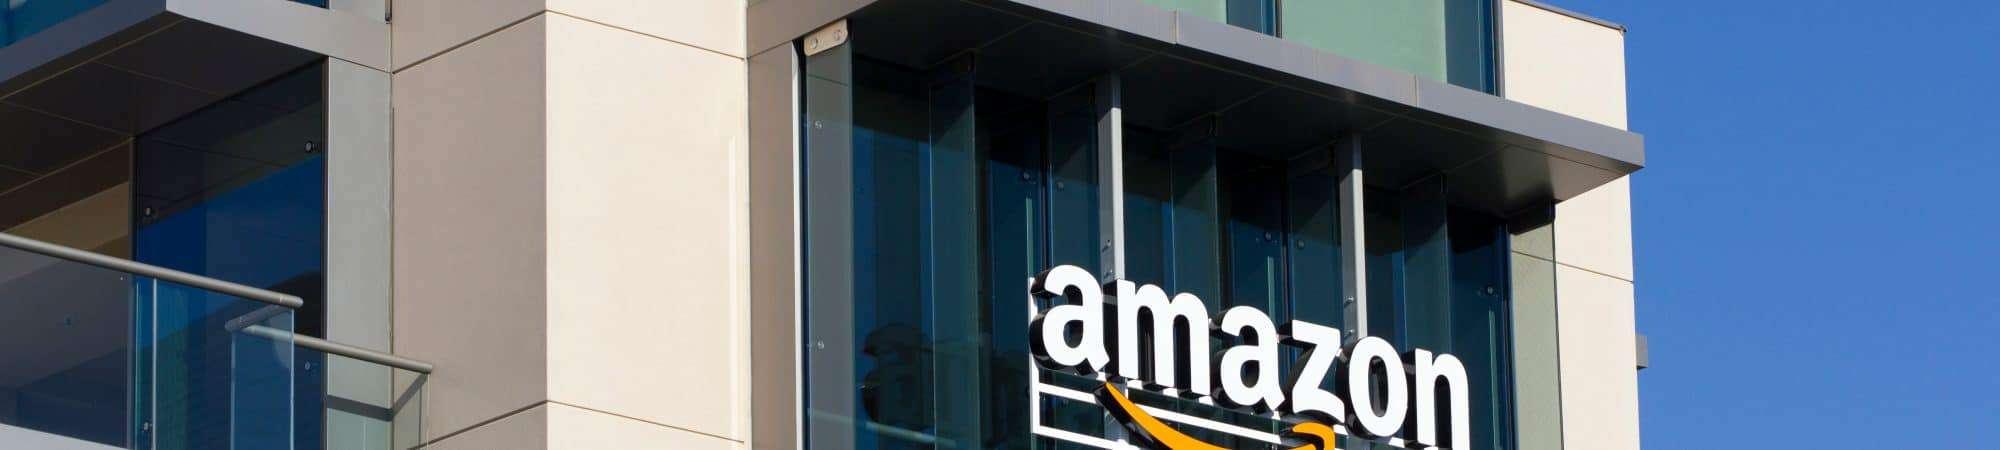 Imagem mostra a fachada de um prédio da Amazon, com o logotipo da empresa no topo.